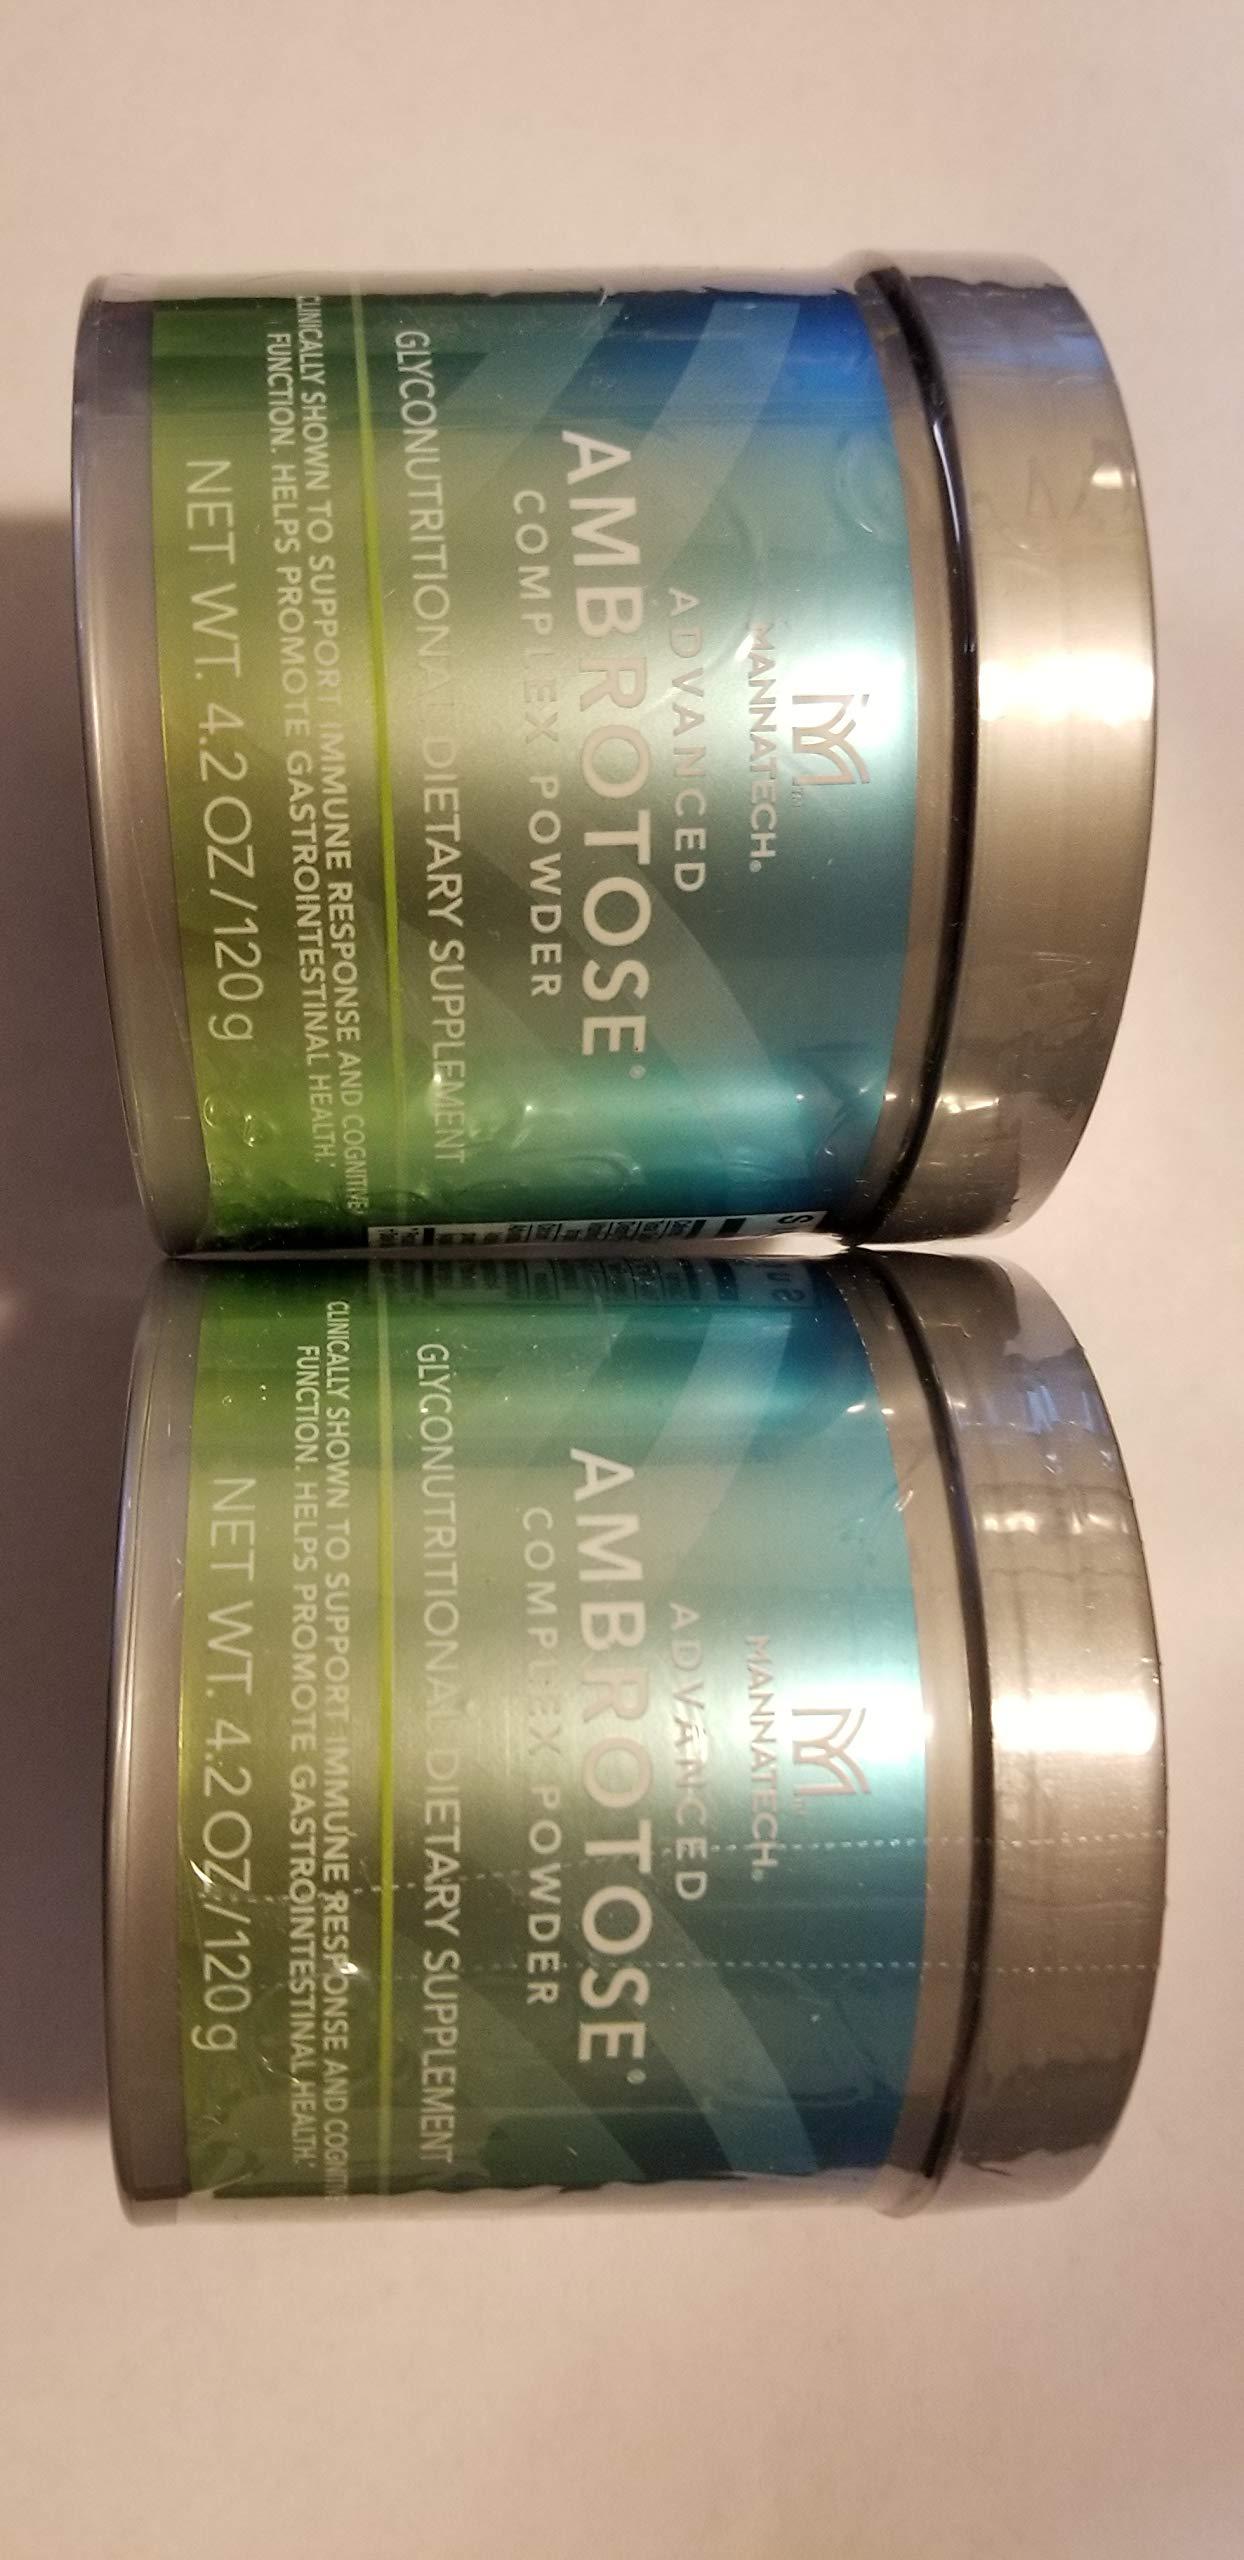 Lots of 2 Mannatech Advanced Ambrotose 120g Powder